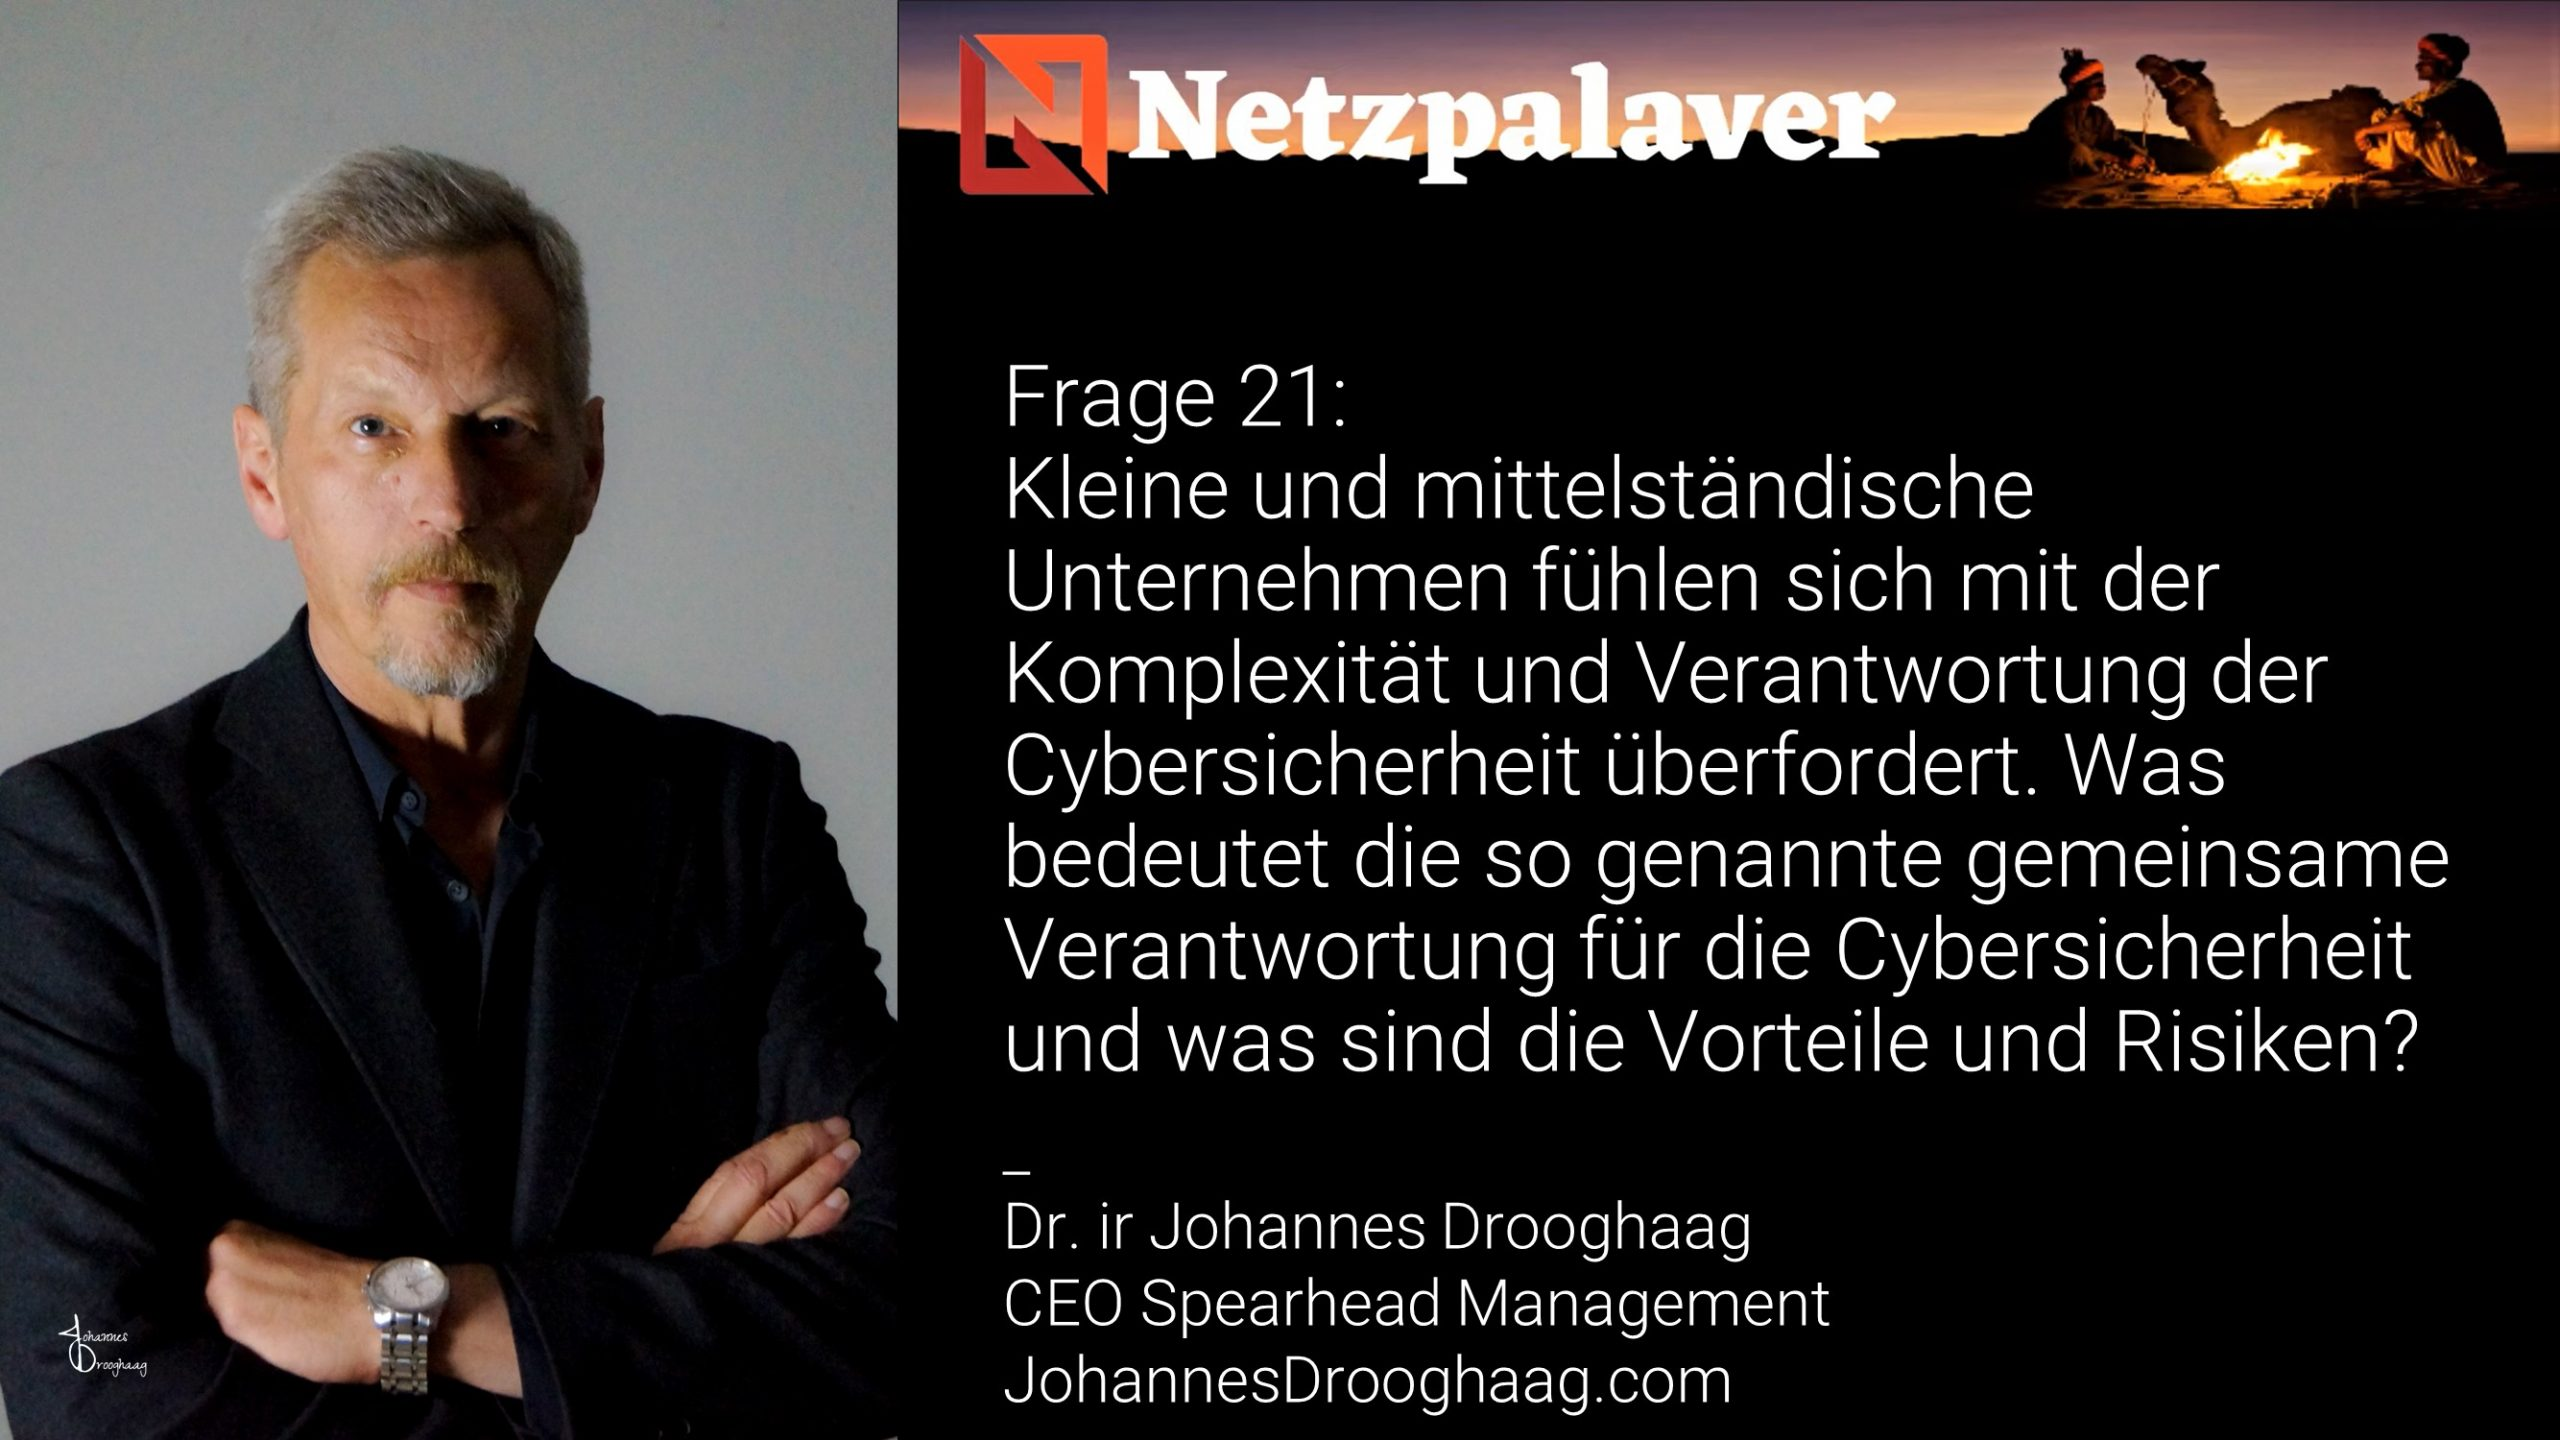 Netzpalaver: Mittelstand und Digitalisierung - Frage 21